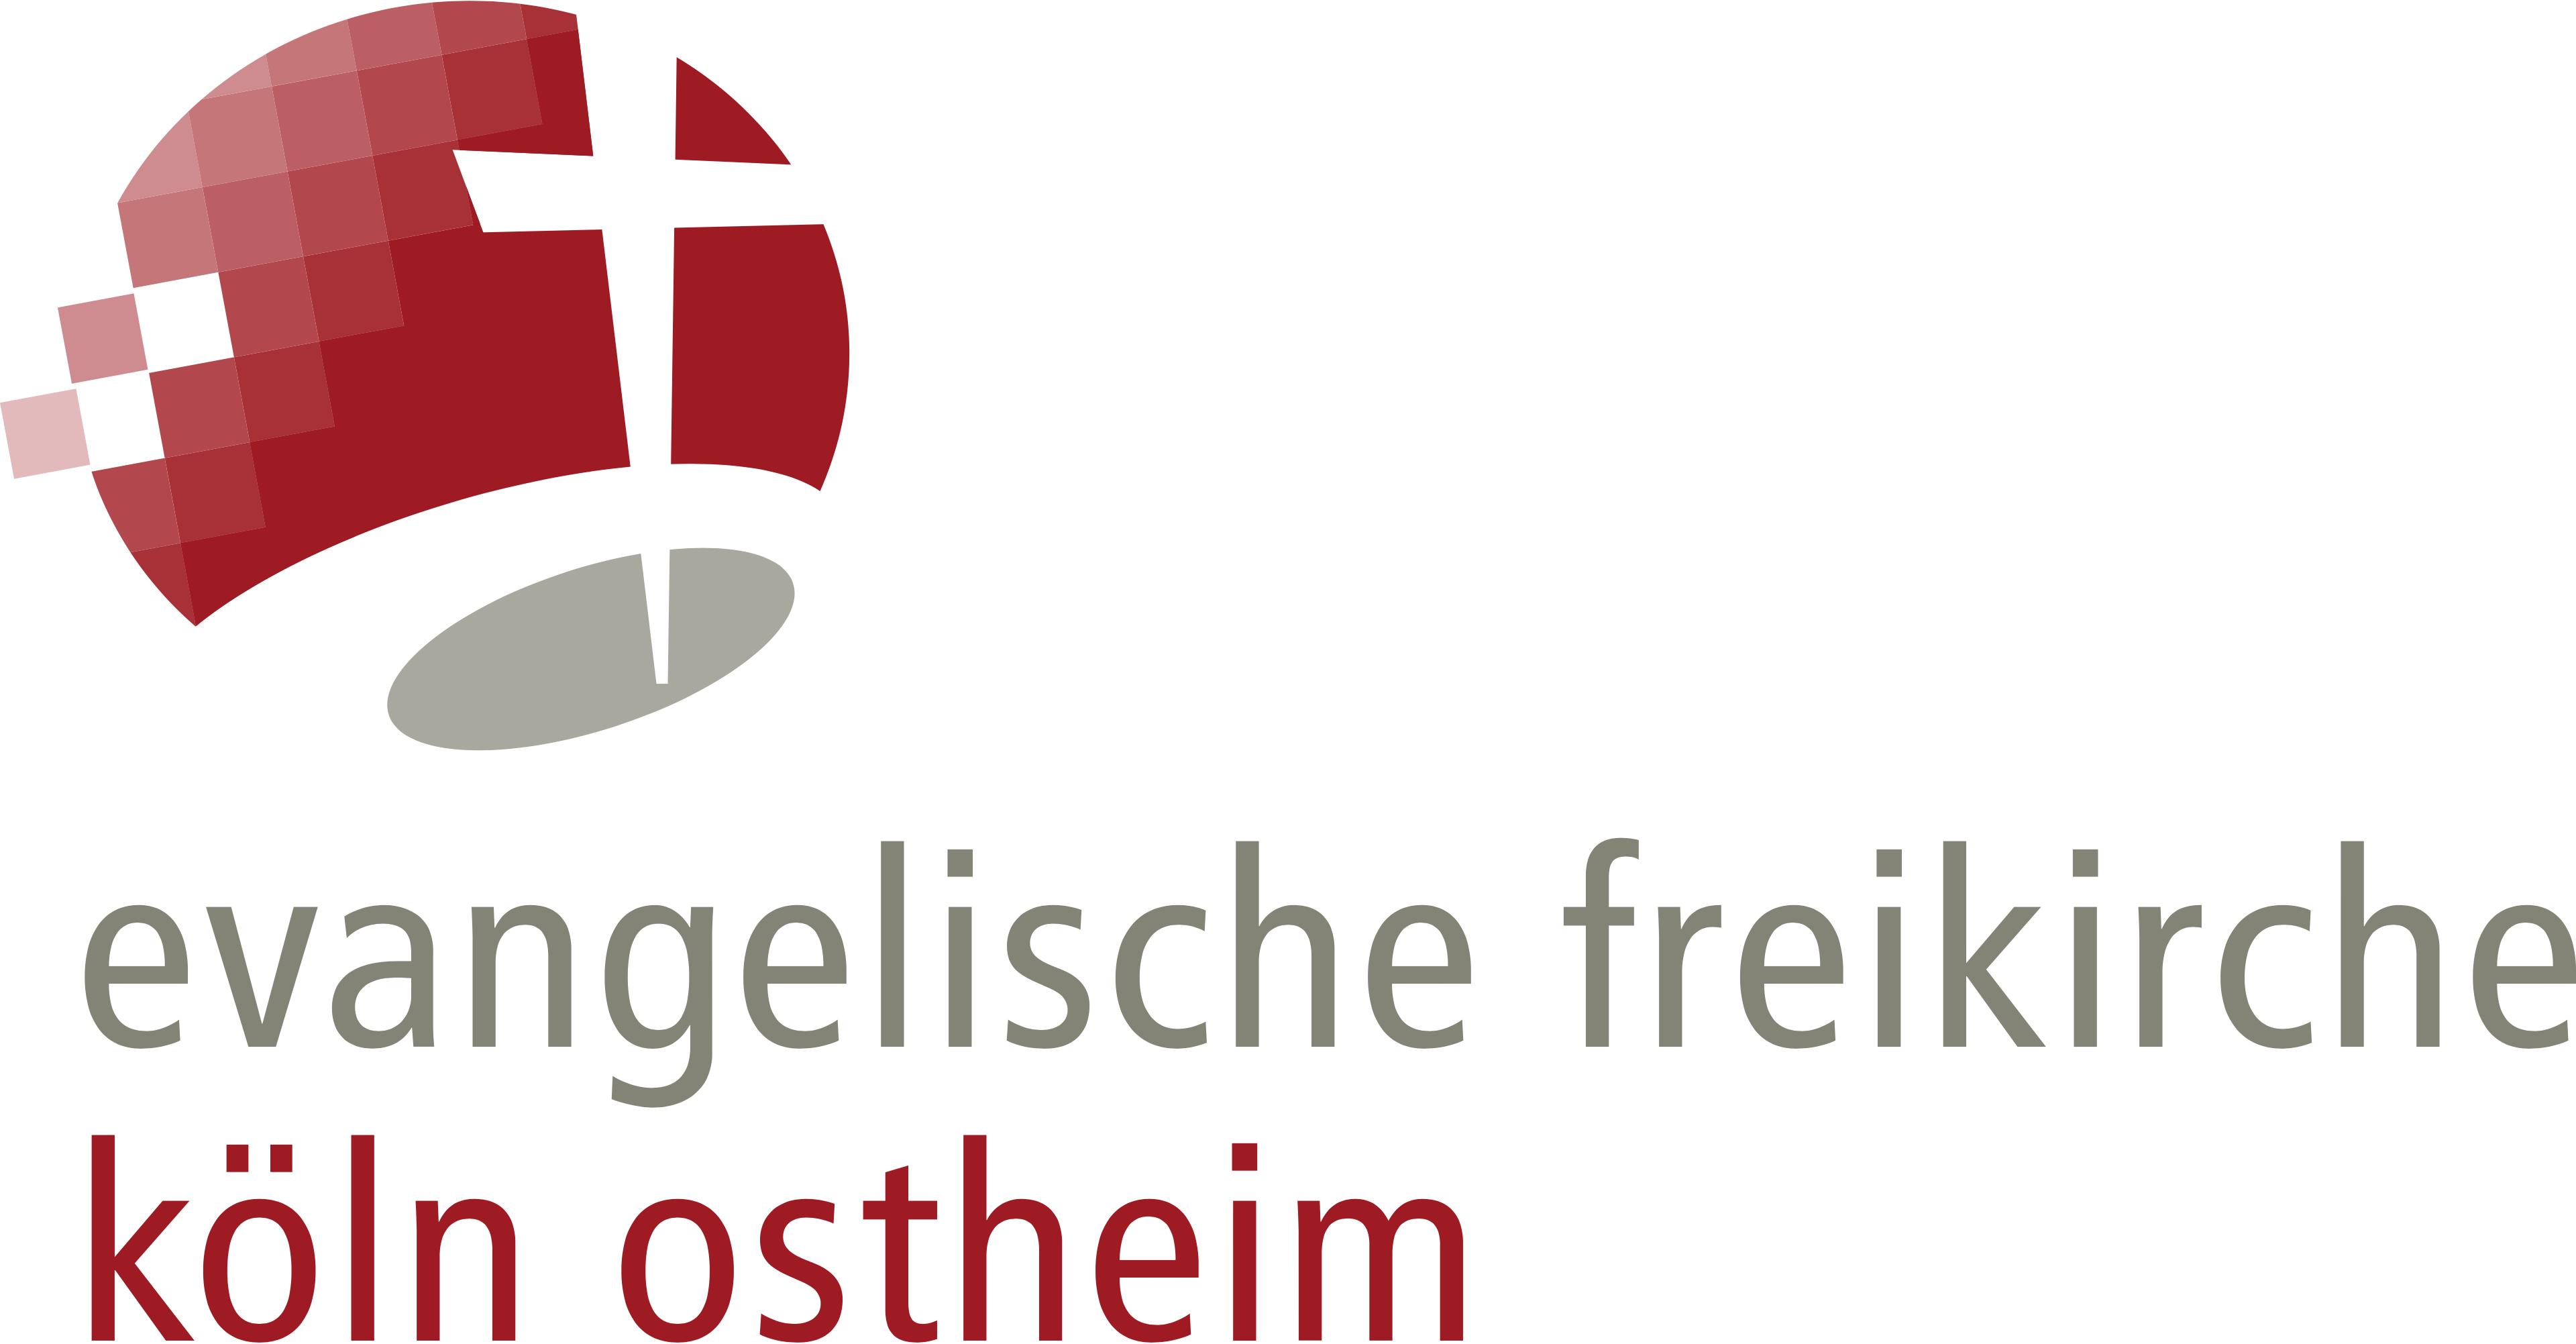 evangelische freikirche koeln ostheim